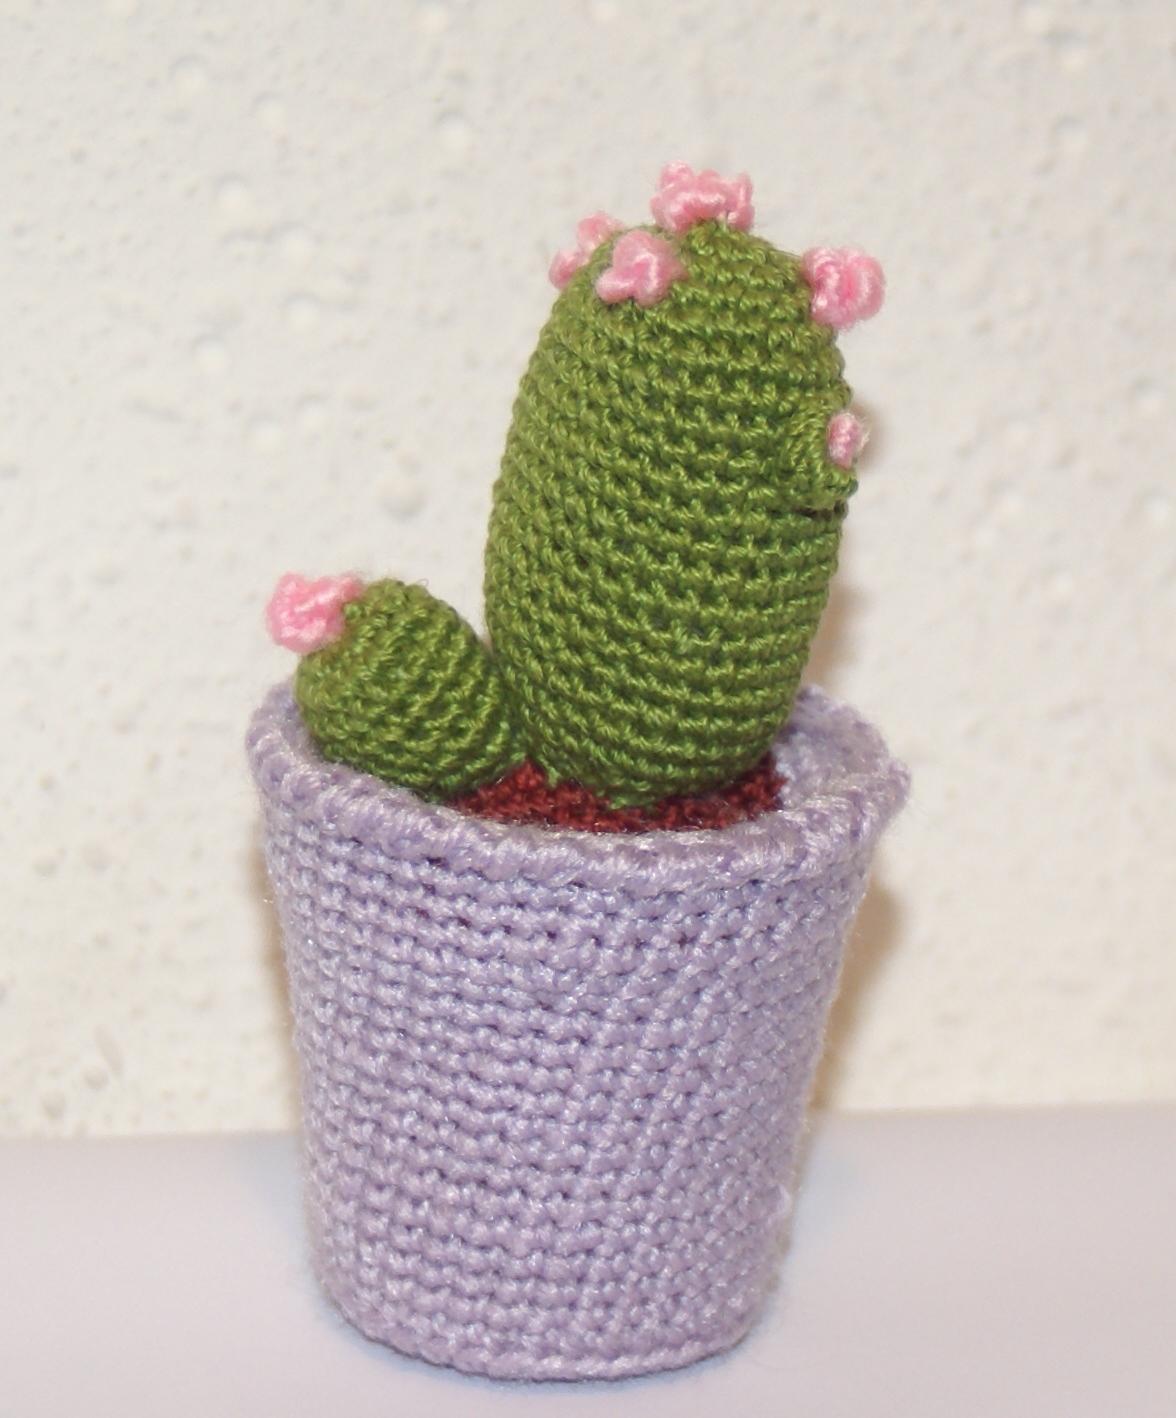 Cactus Amigurumi Venta : CACTUS AMIGURUMI